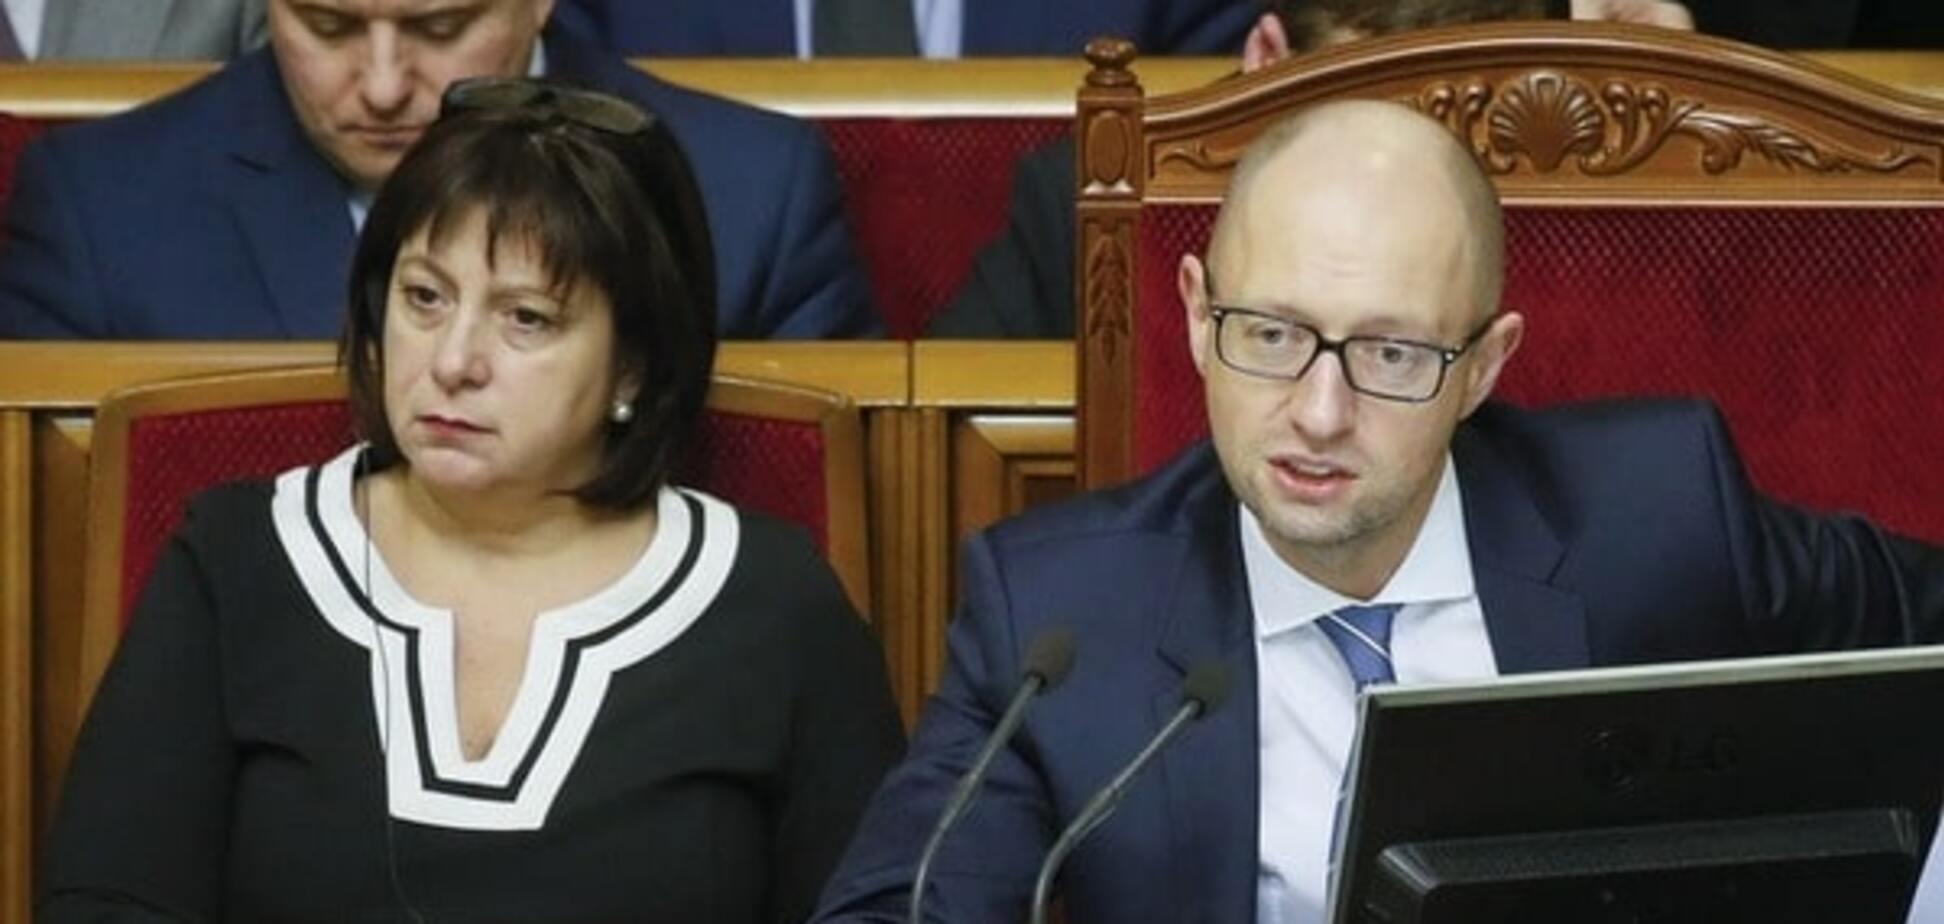 У Тимошенко звіт Яценюка за 2015 рік назвали 'сміттям'